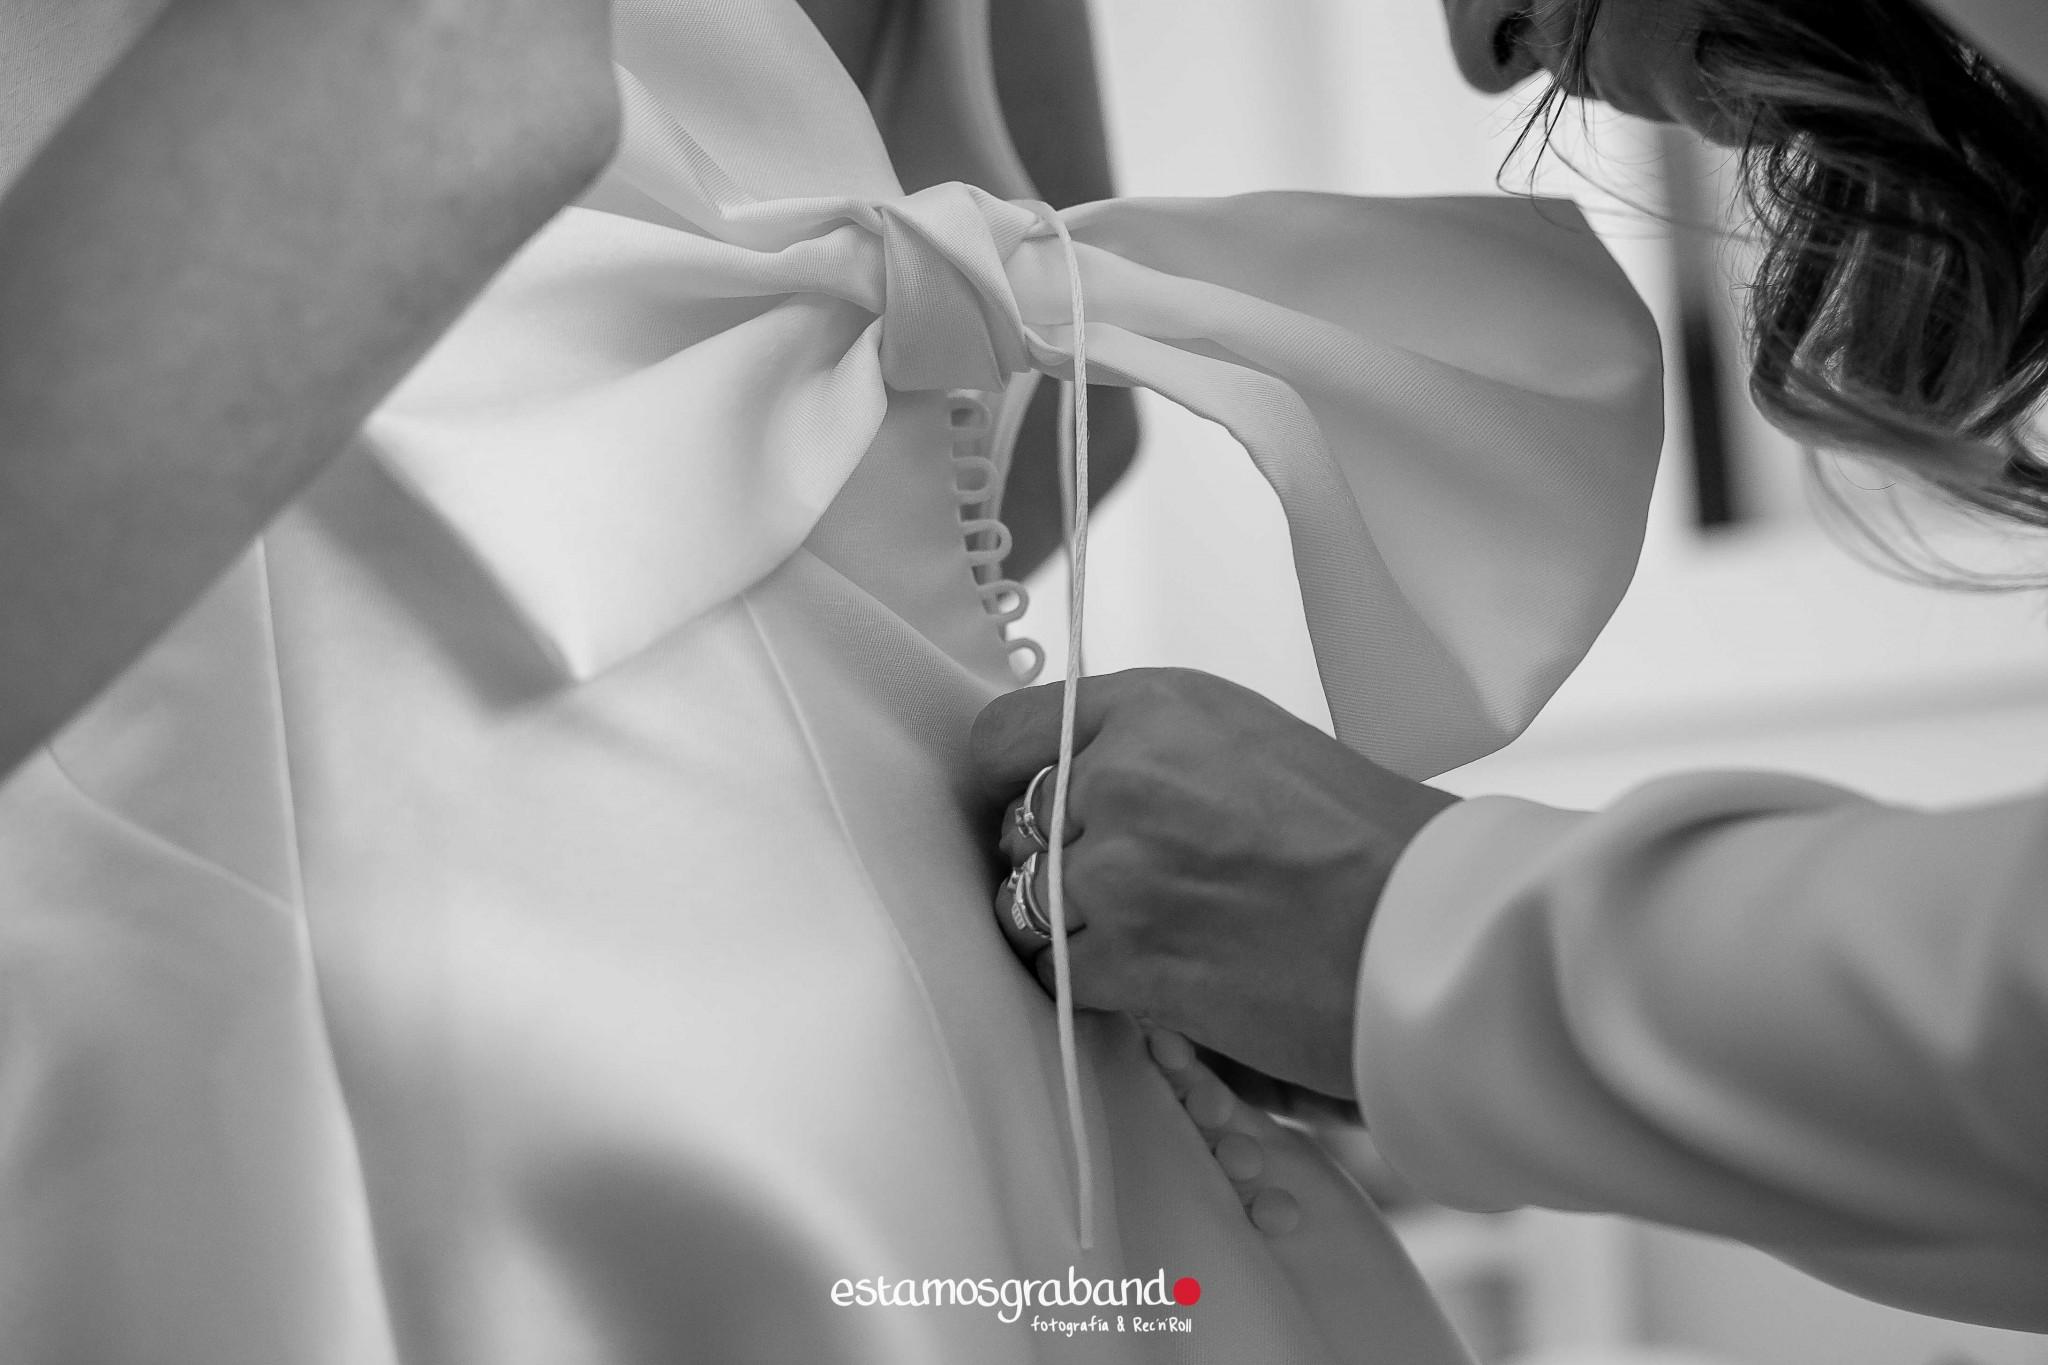 fotografo-de-bodas-jerez_mari-paz-jaime_bodegas-tradiciocc81n-21 32 escalones [Fotografía de bodas Jerez_Mari Paz & Jaime] - video boda cadiz